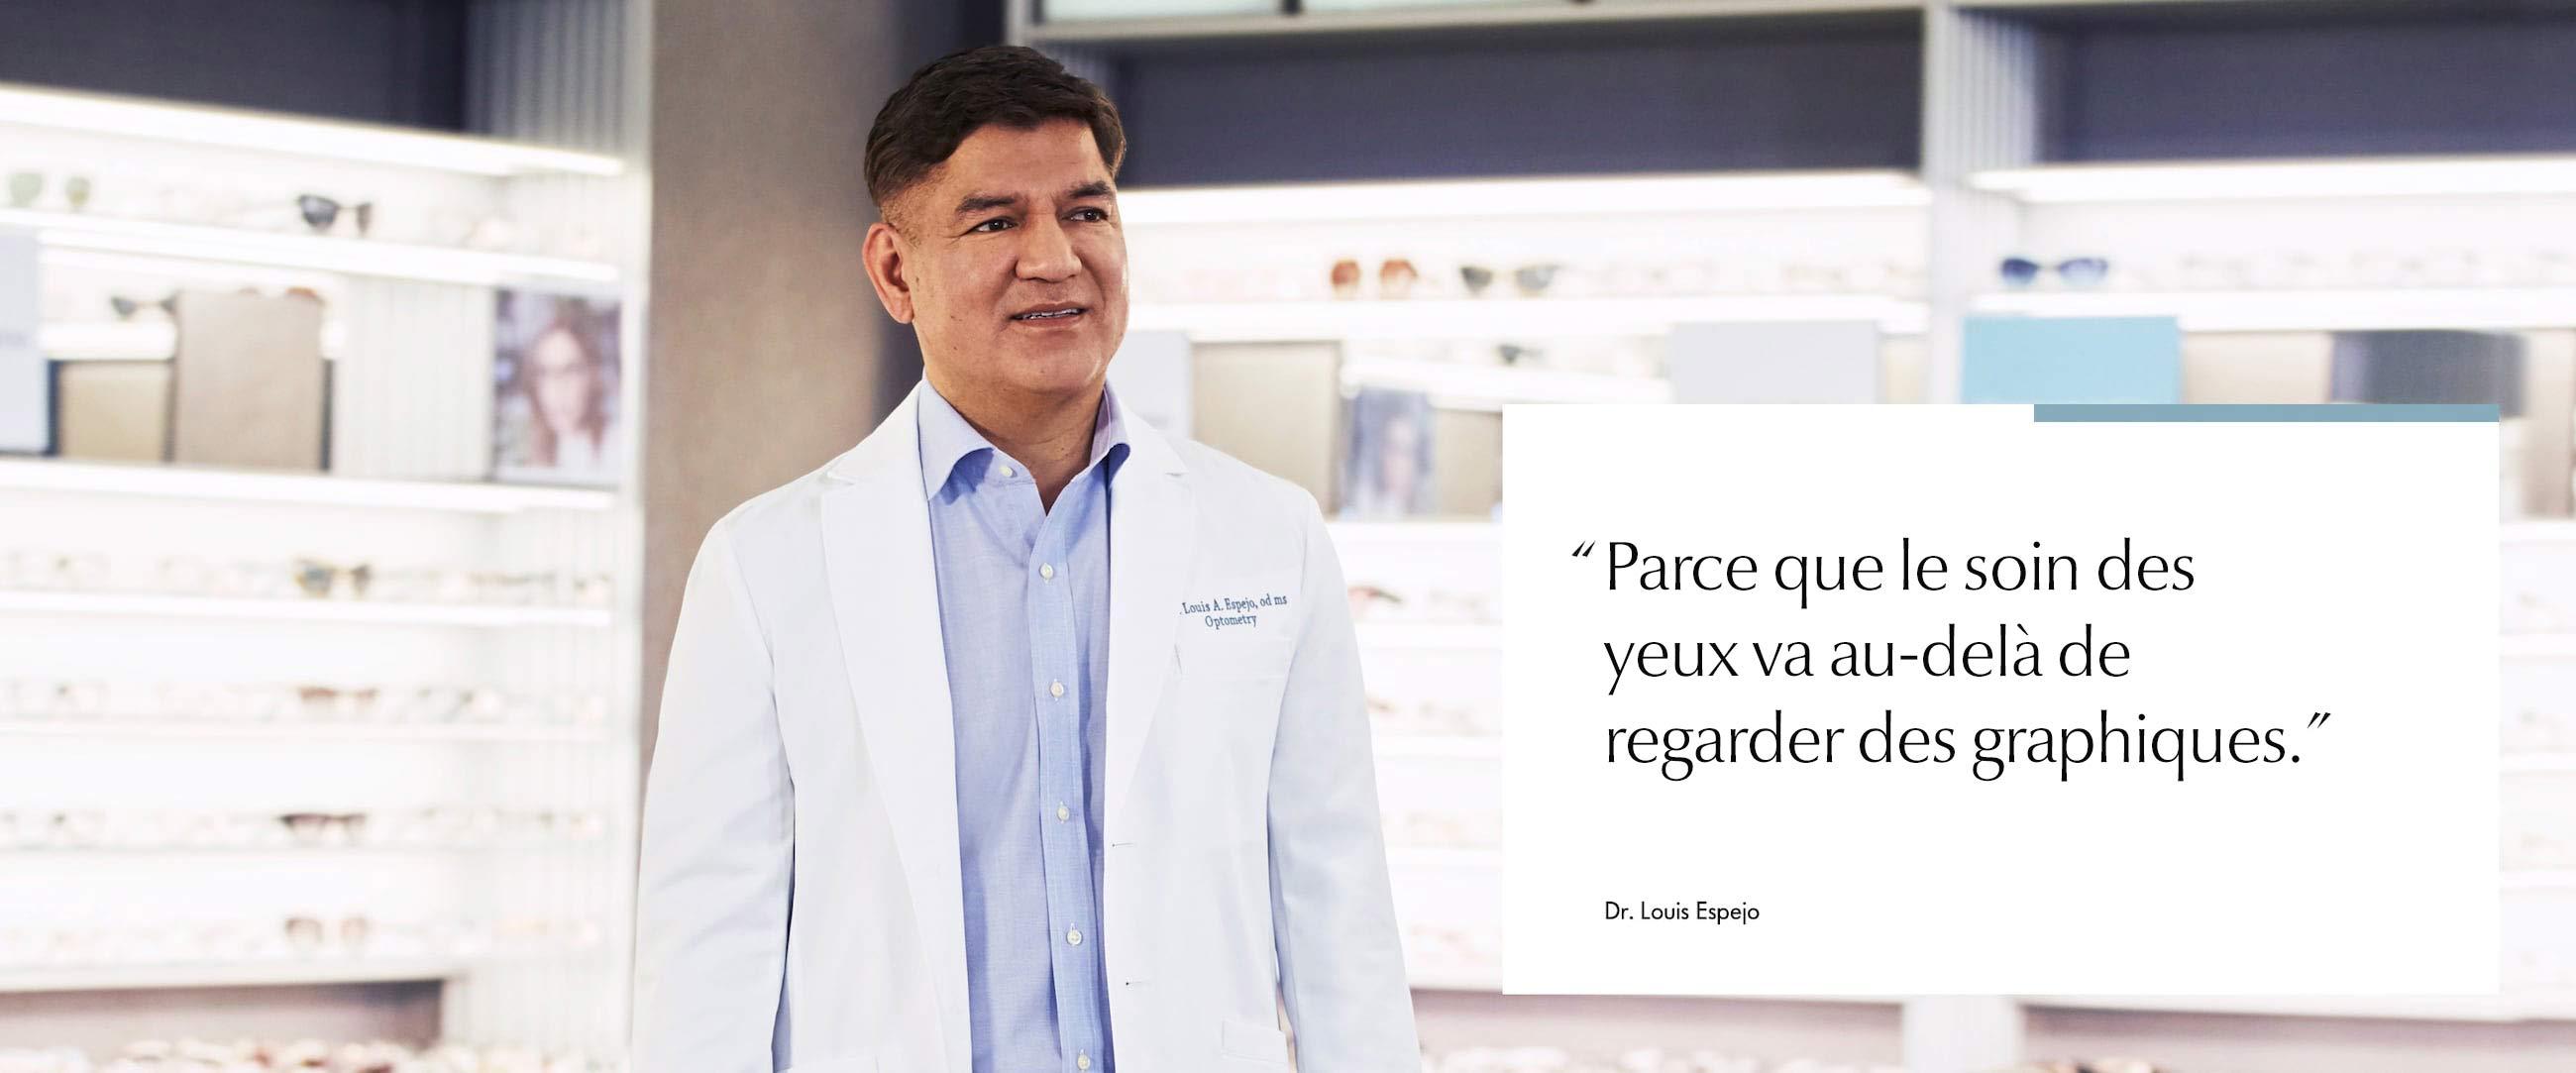 Image du Docteur Espejo